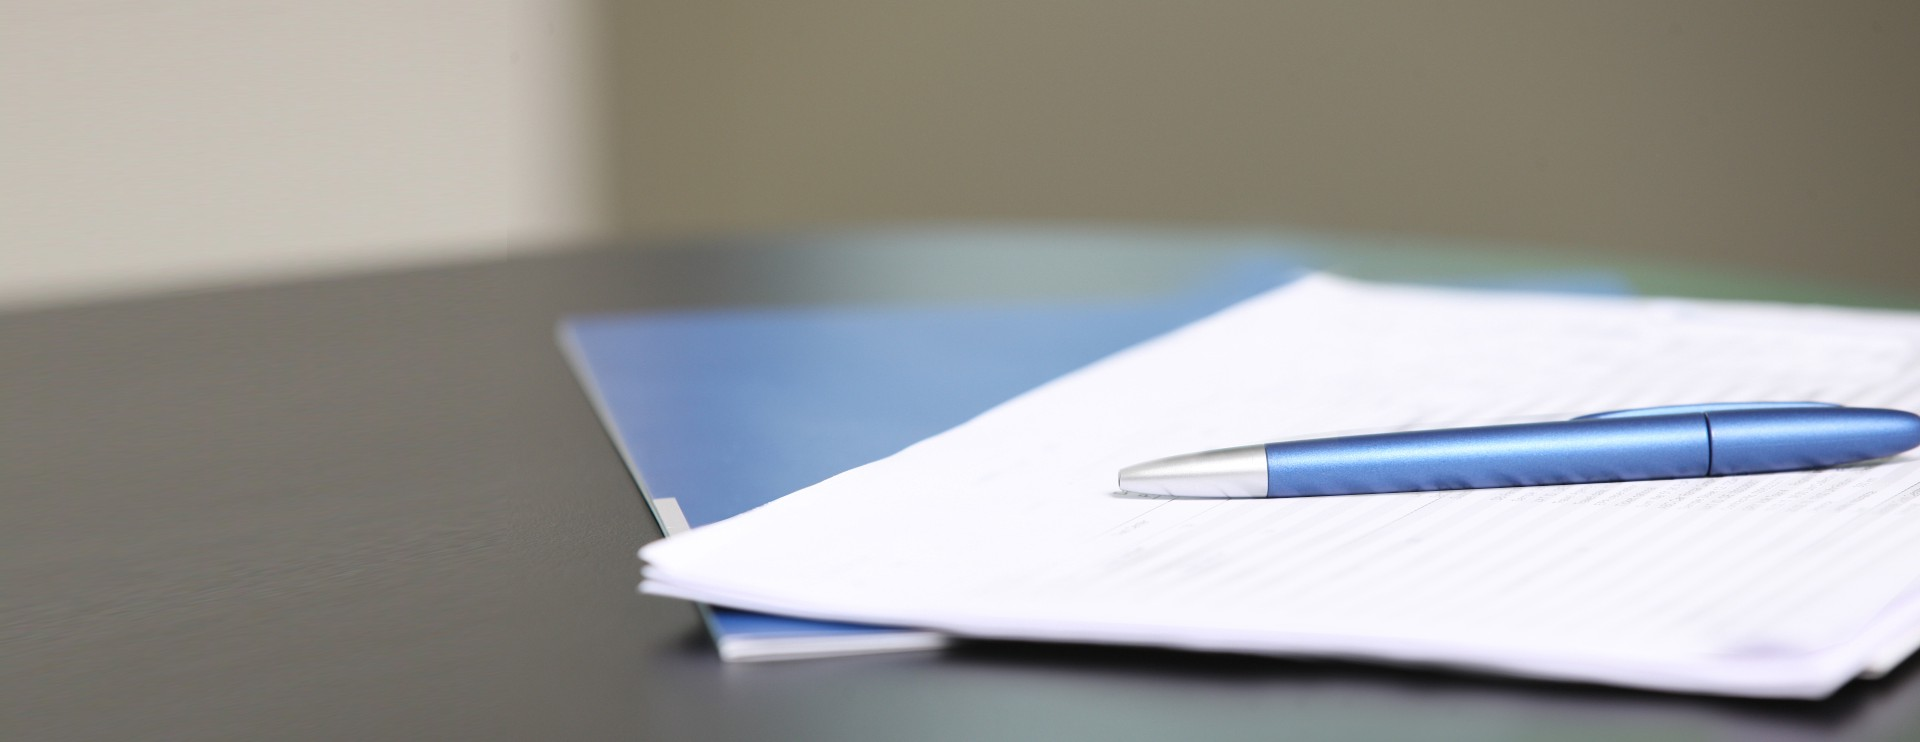 Kugelschreiber liegt auf einem Papier